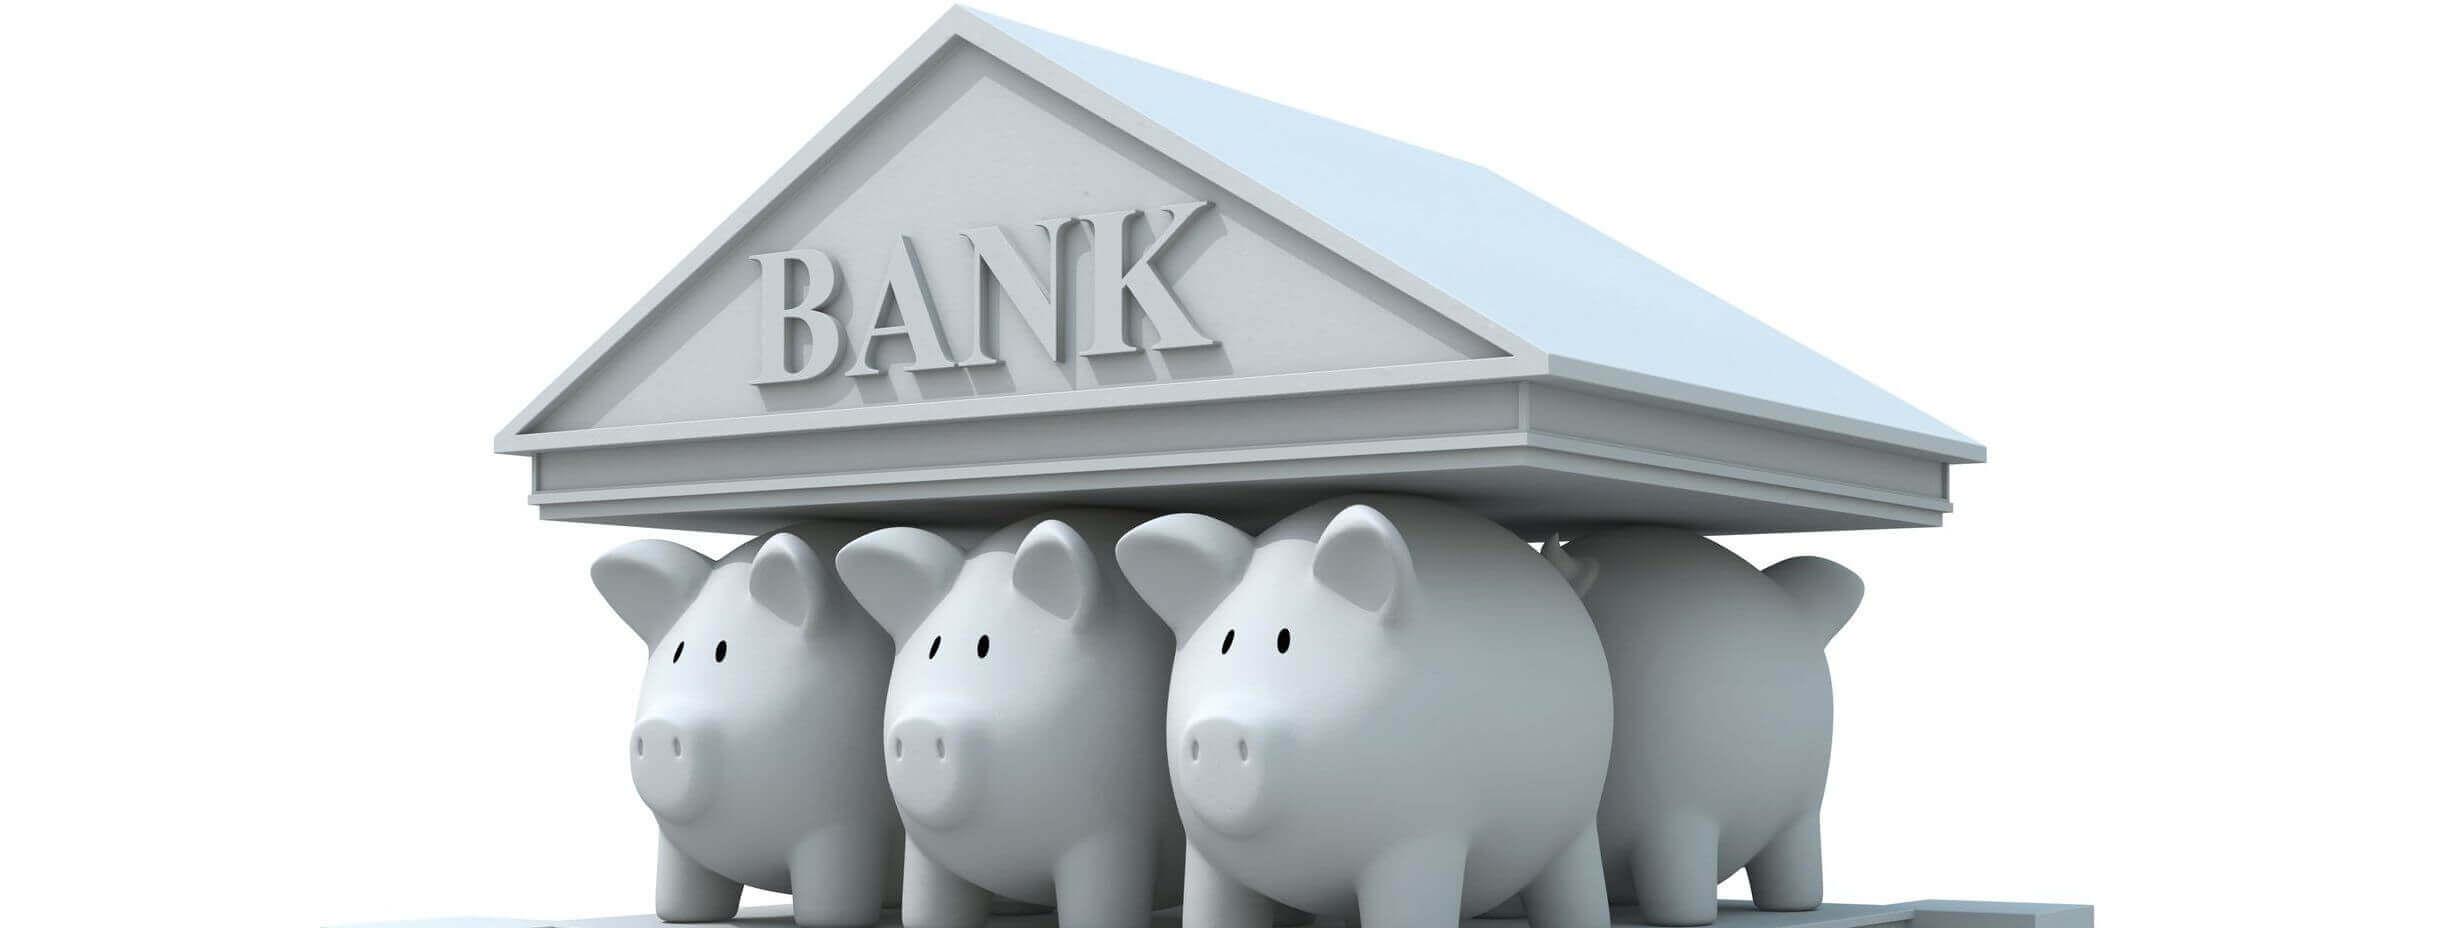 Banche, grande non è bello: un avviso per Visco e Padoan